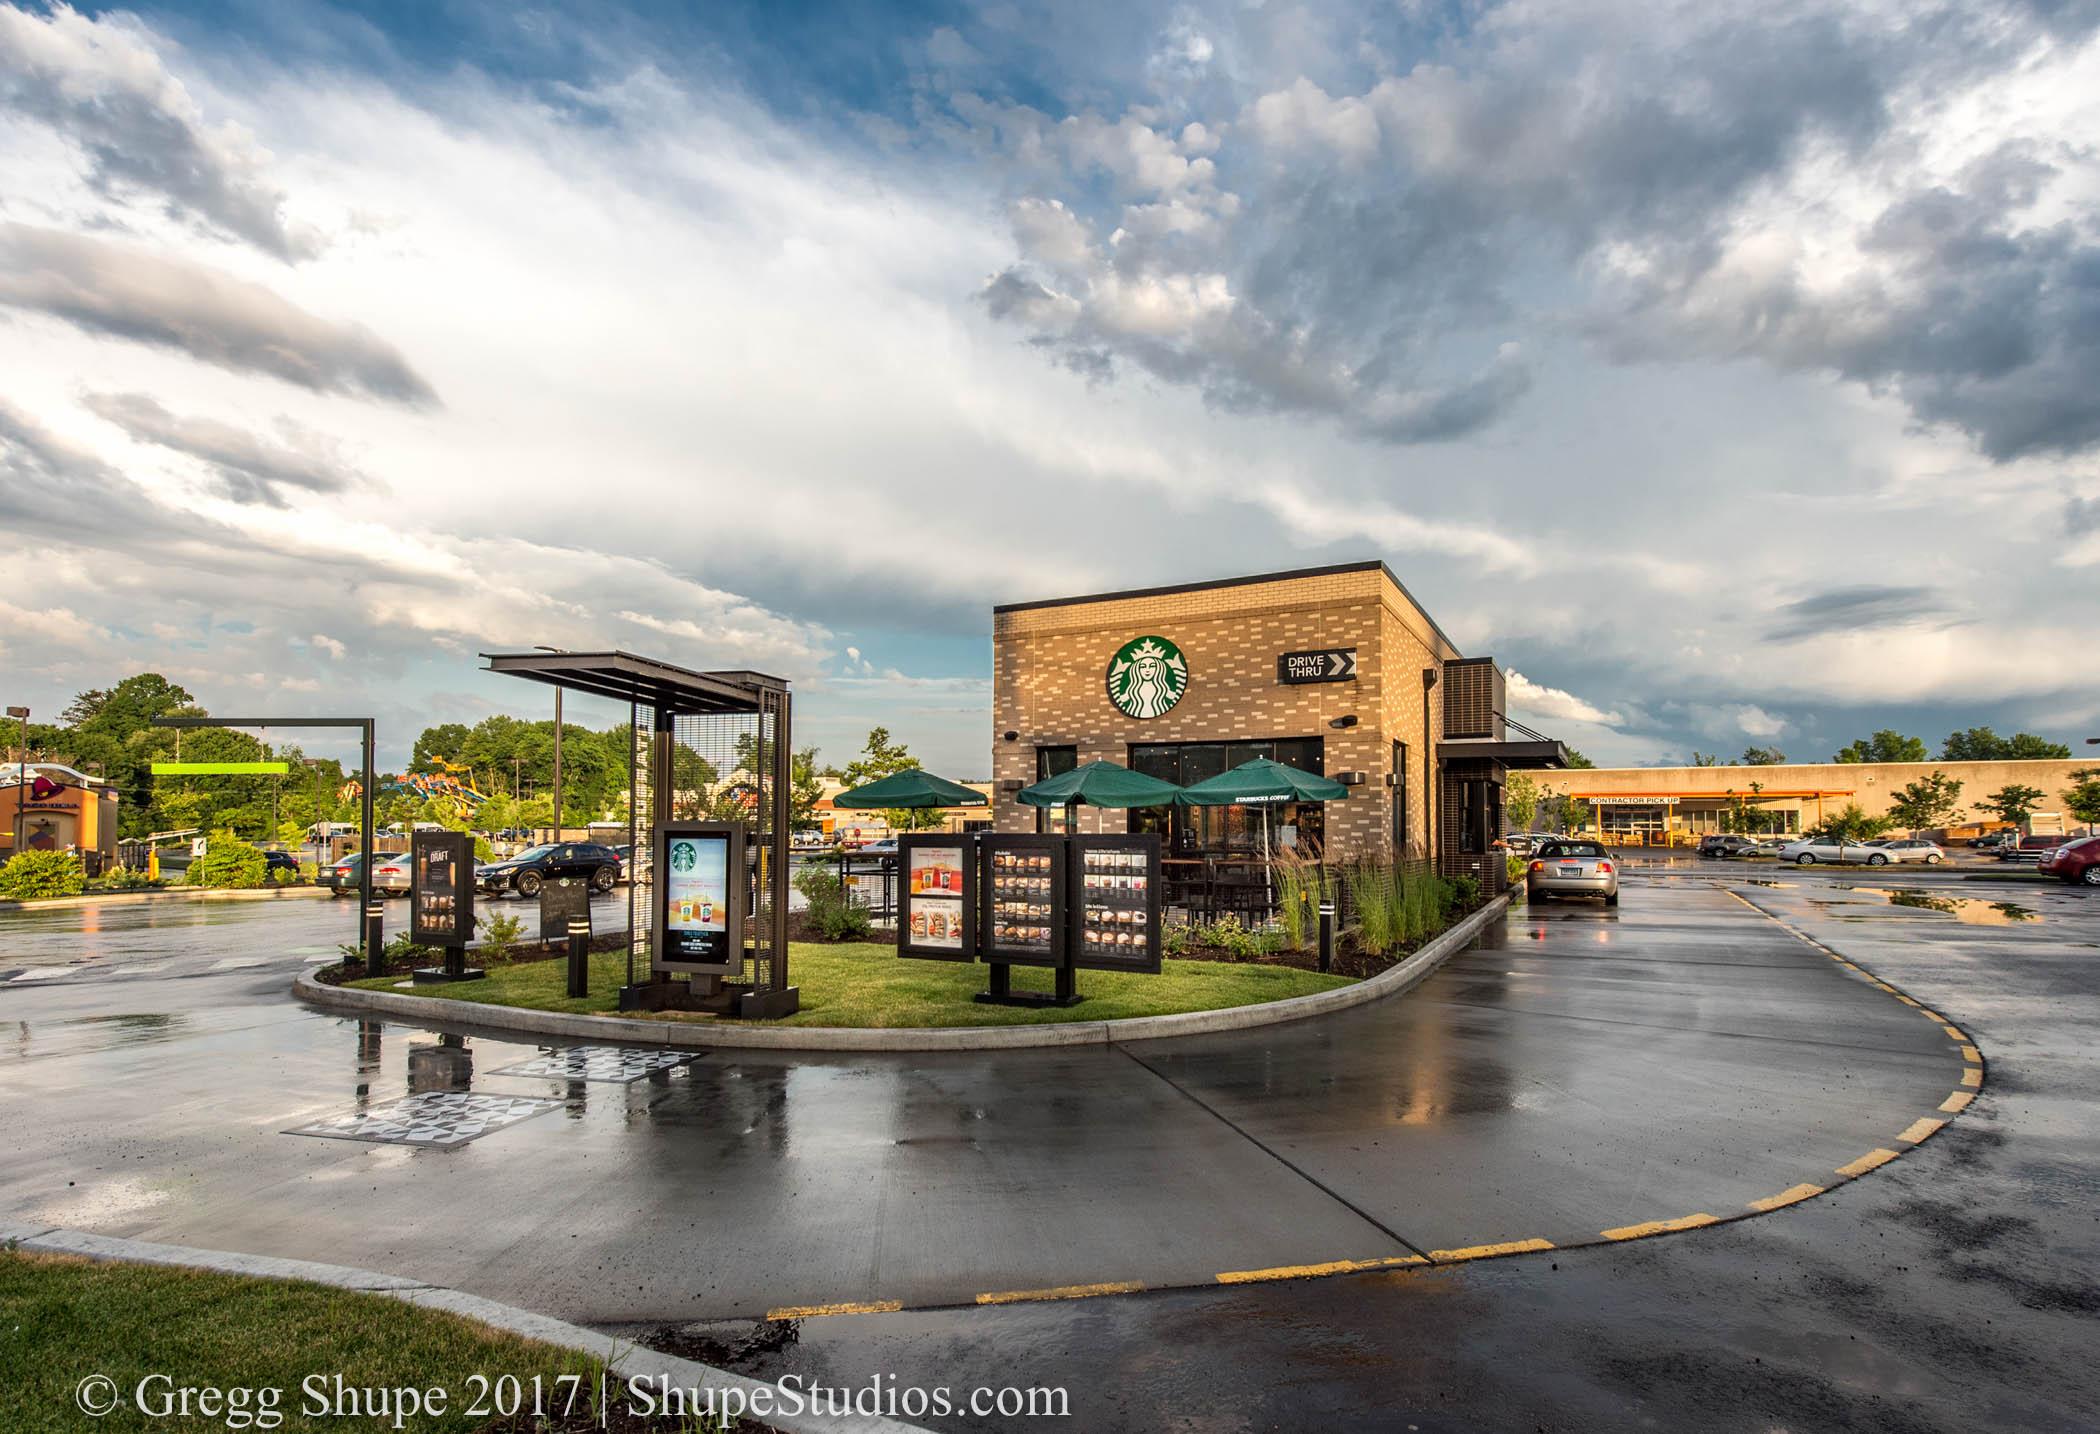 021_170627_Starbucks_Middletown_CT-2.jpg